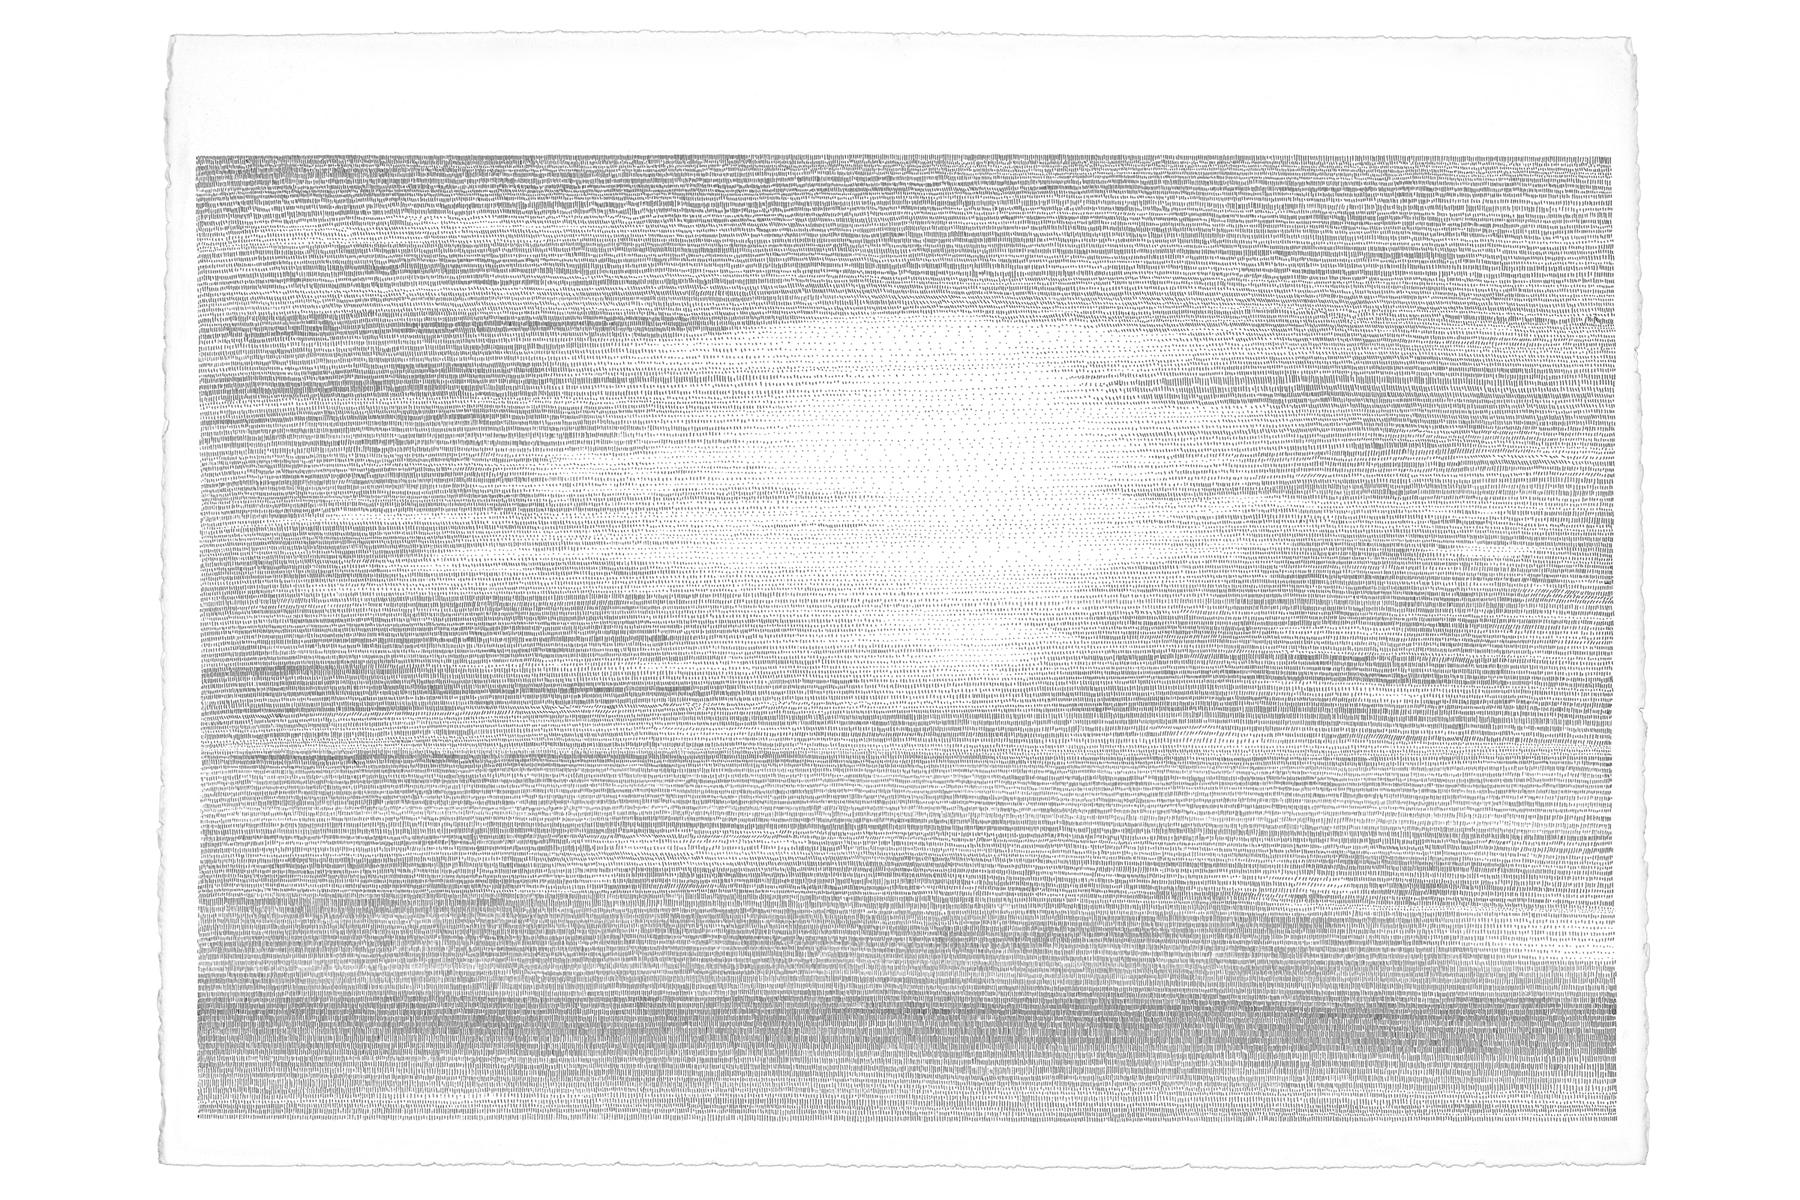 Fig.2 蚕が桑の葉を食べる動作をヒントに生まれた《海/素描》。